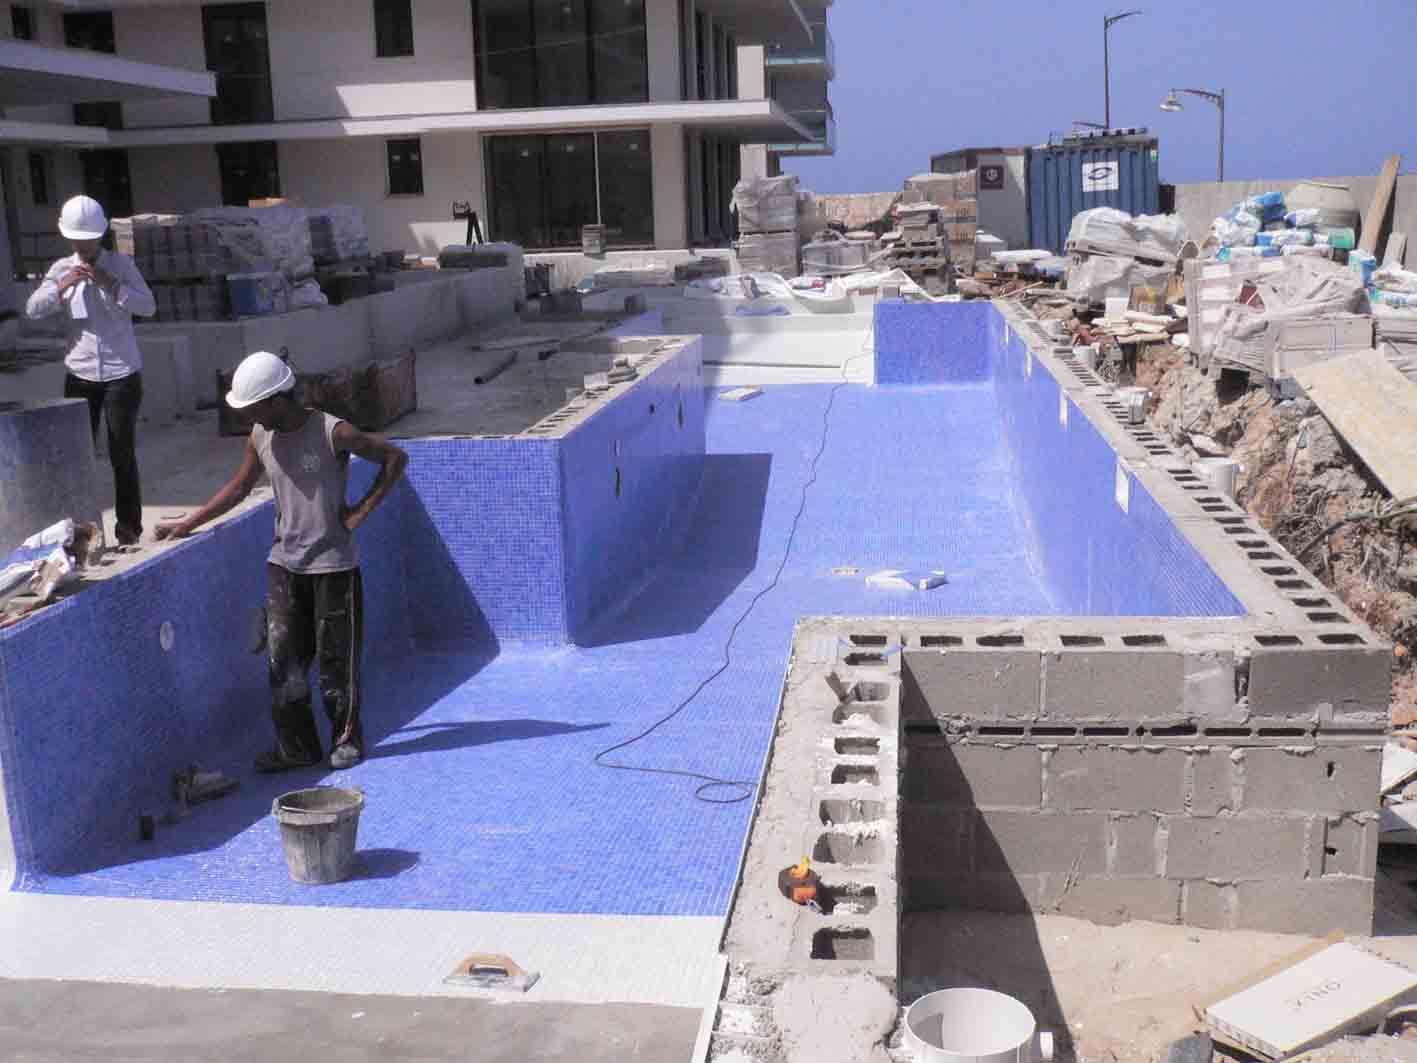 Imagenes de proyectos blog jorge perez - Construccion piscinas barcelona ...